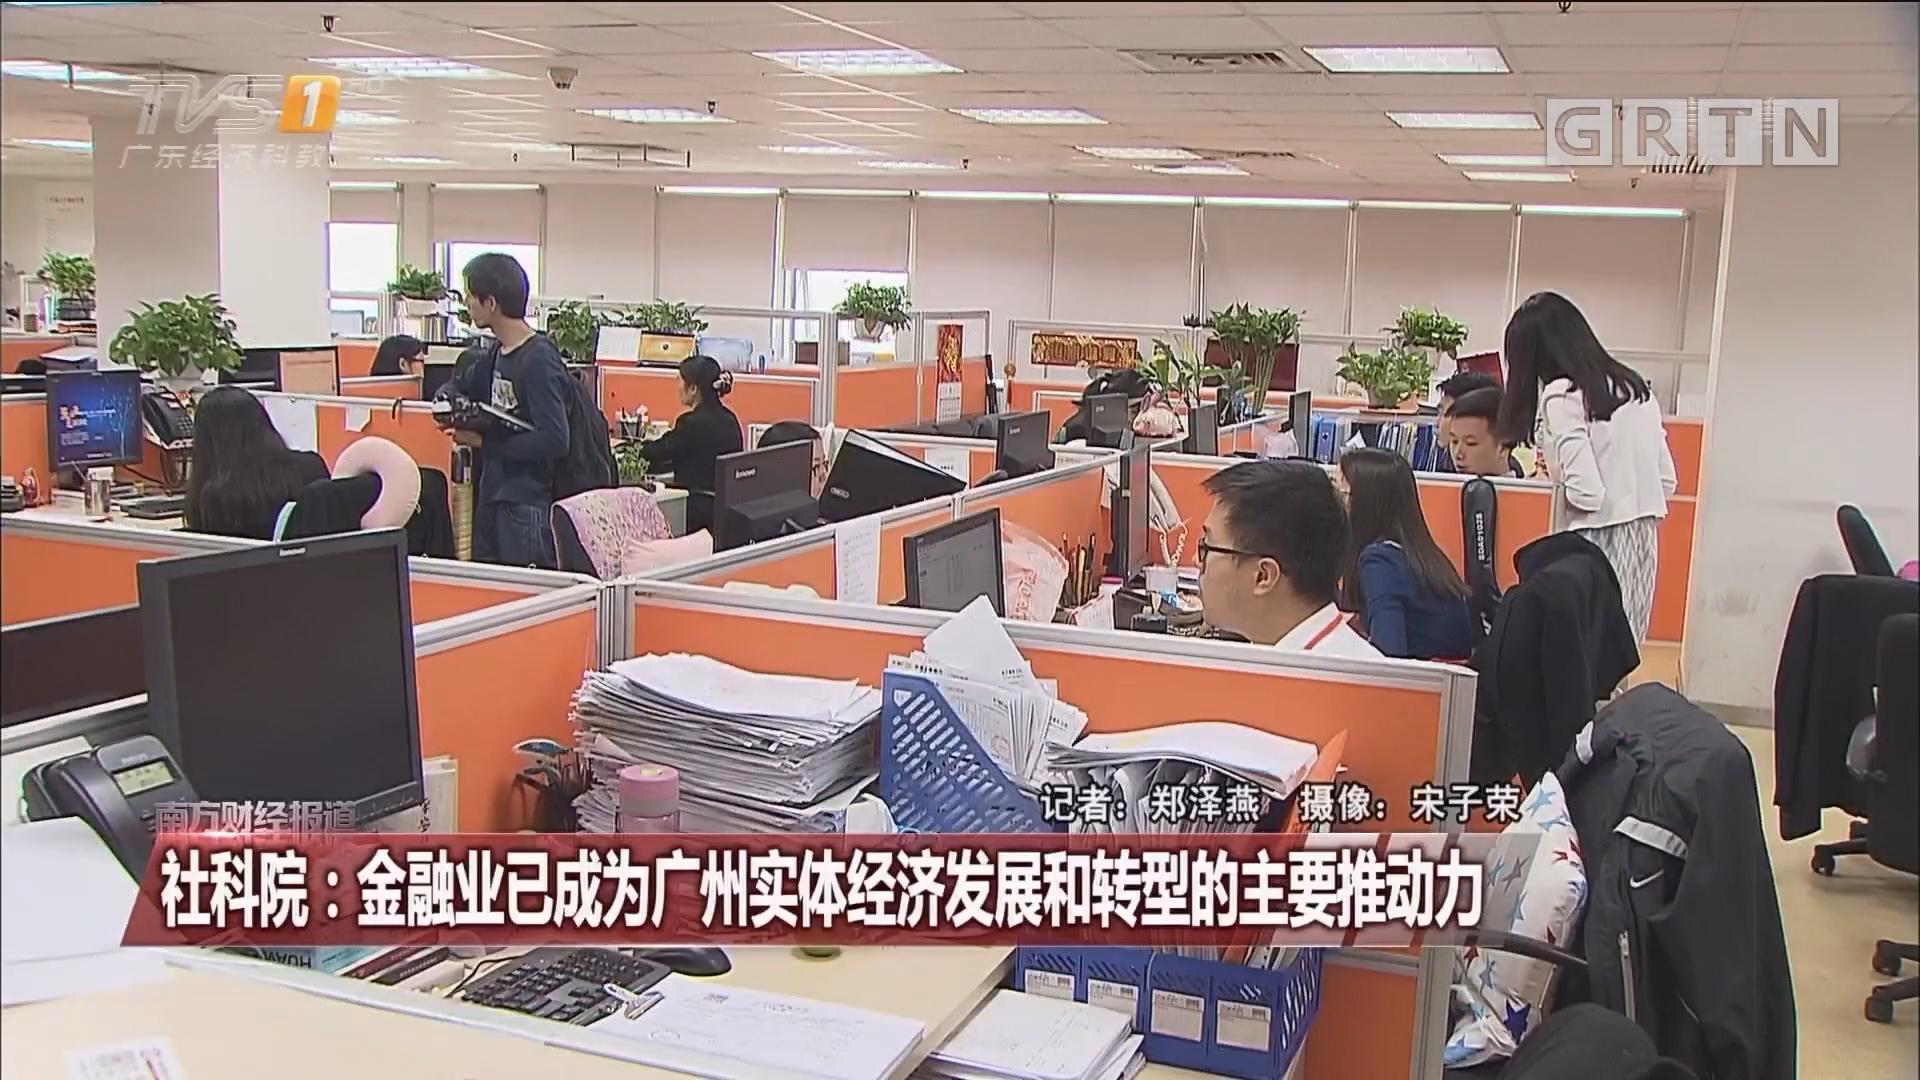 社科院:金融业已成为广州实体经济发展和转型的主要推动力